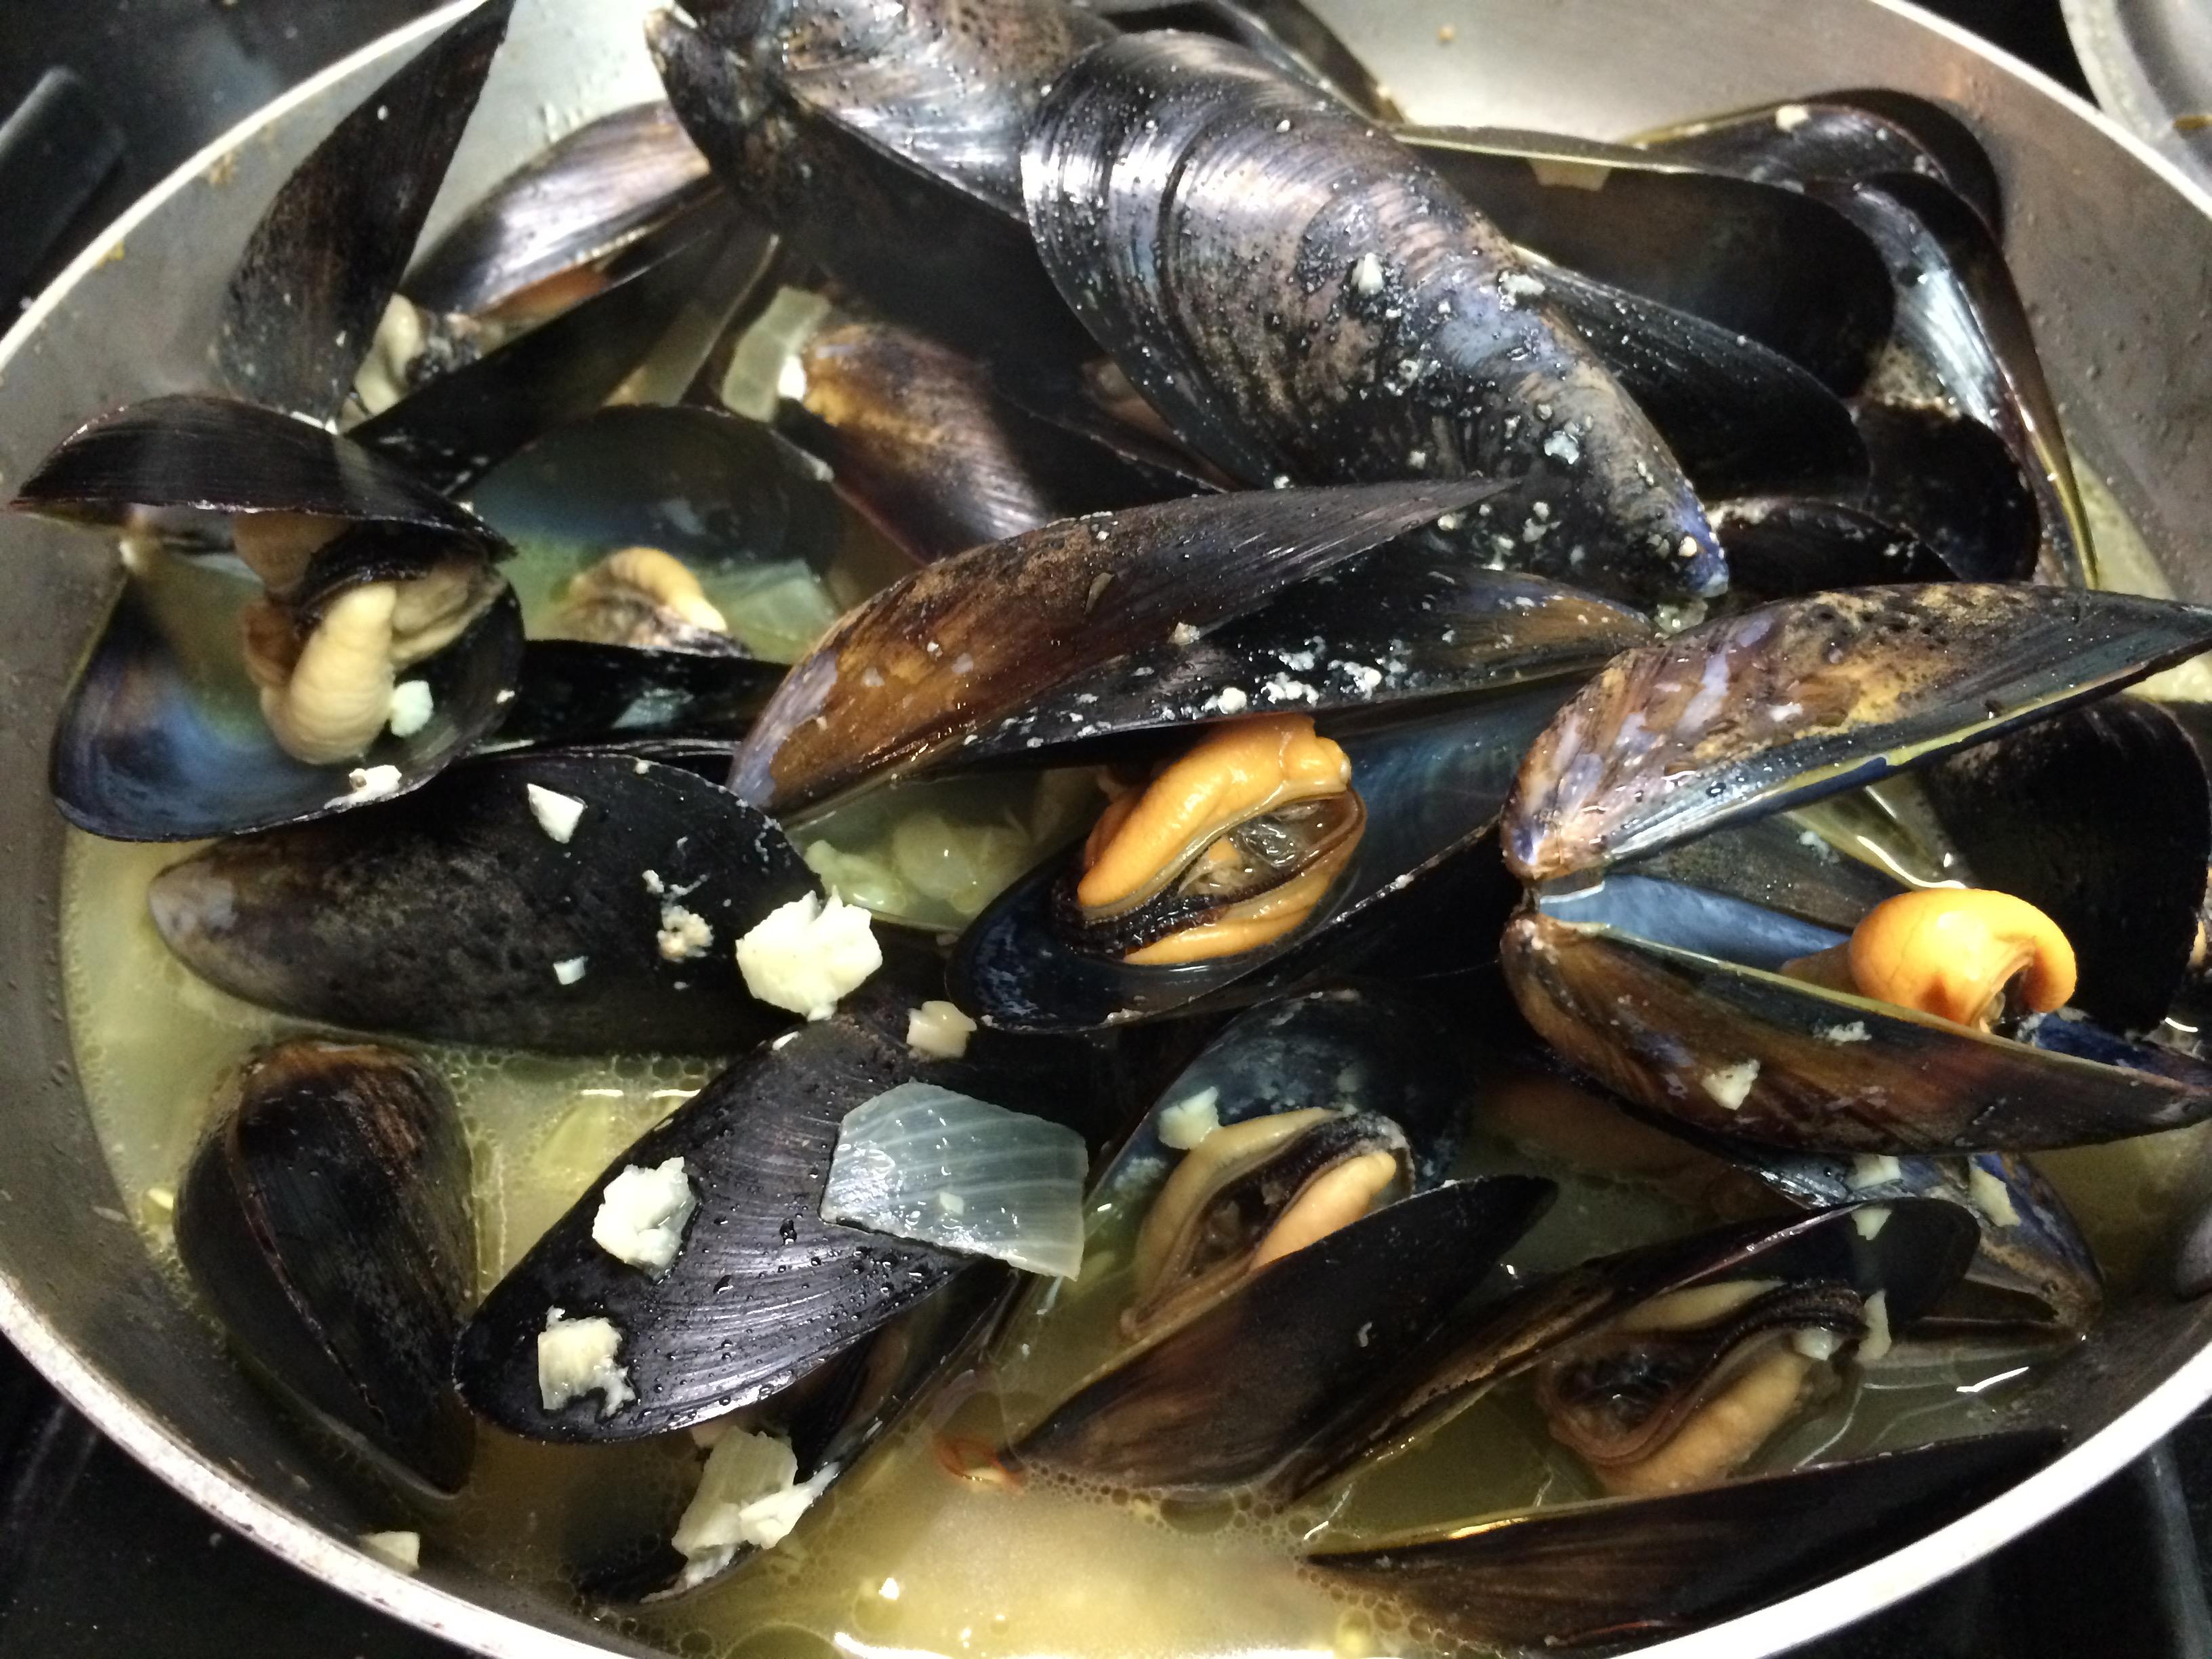 EATS: Mussels with Saffron | sugarplumfairyblog